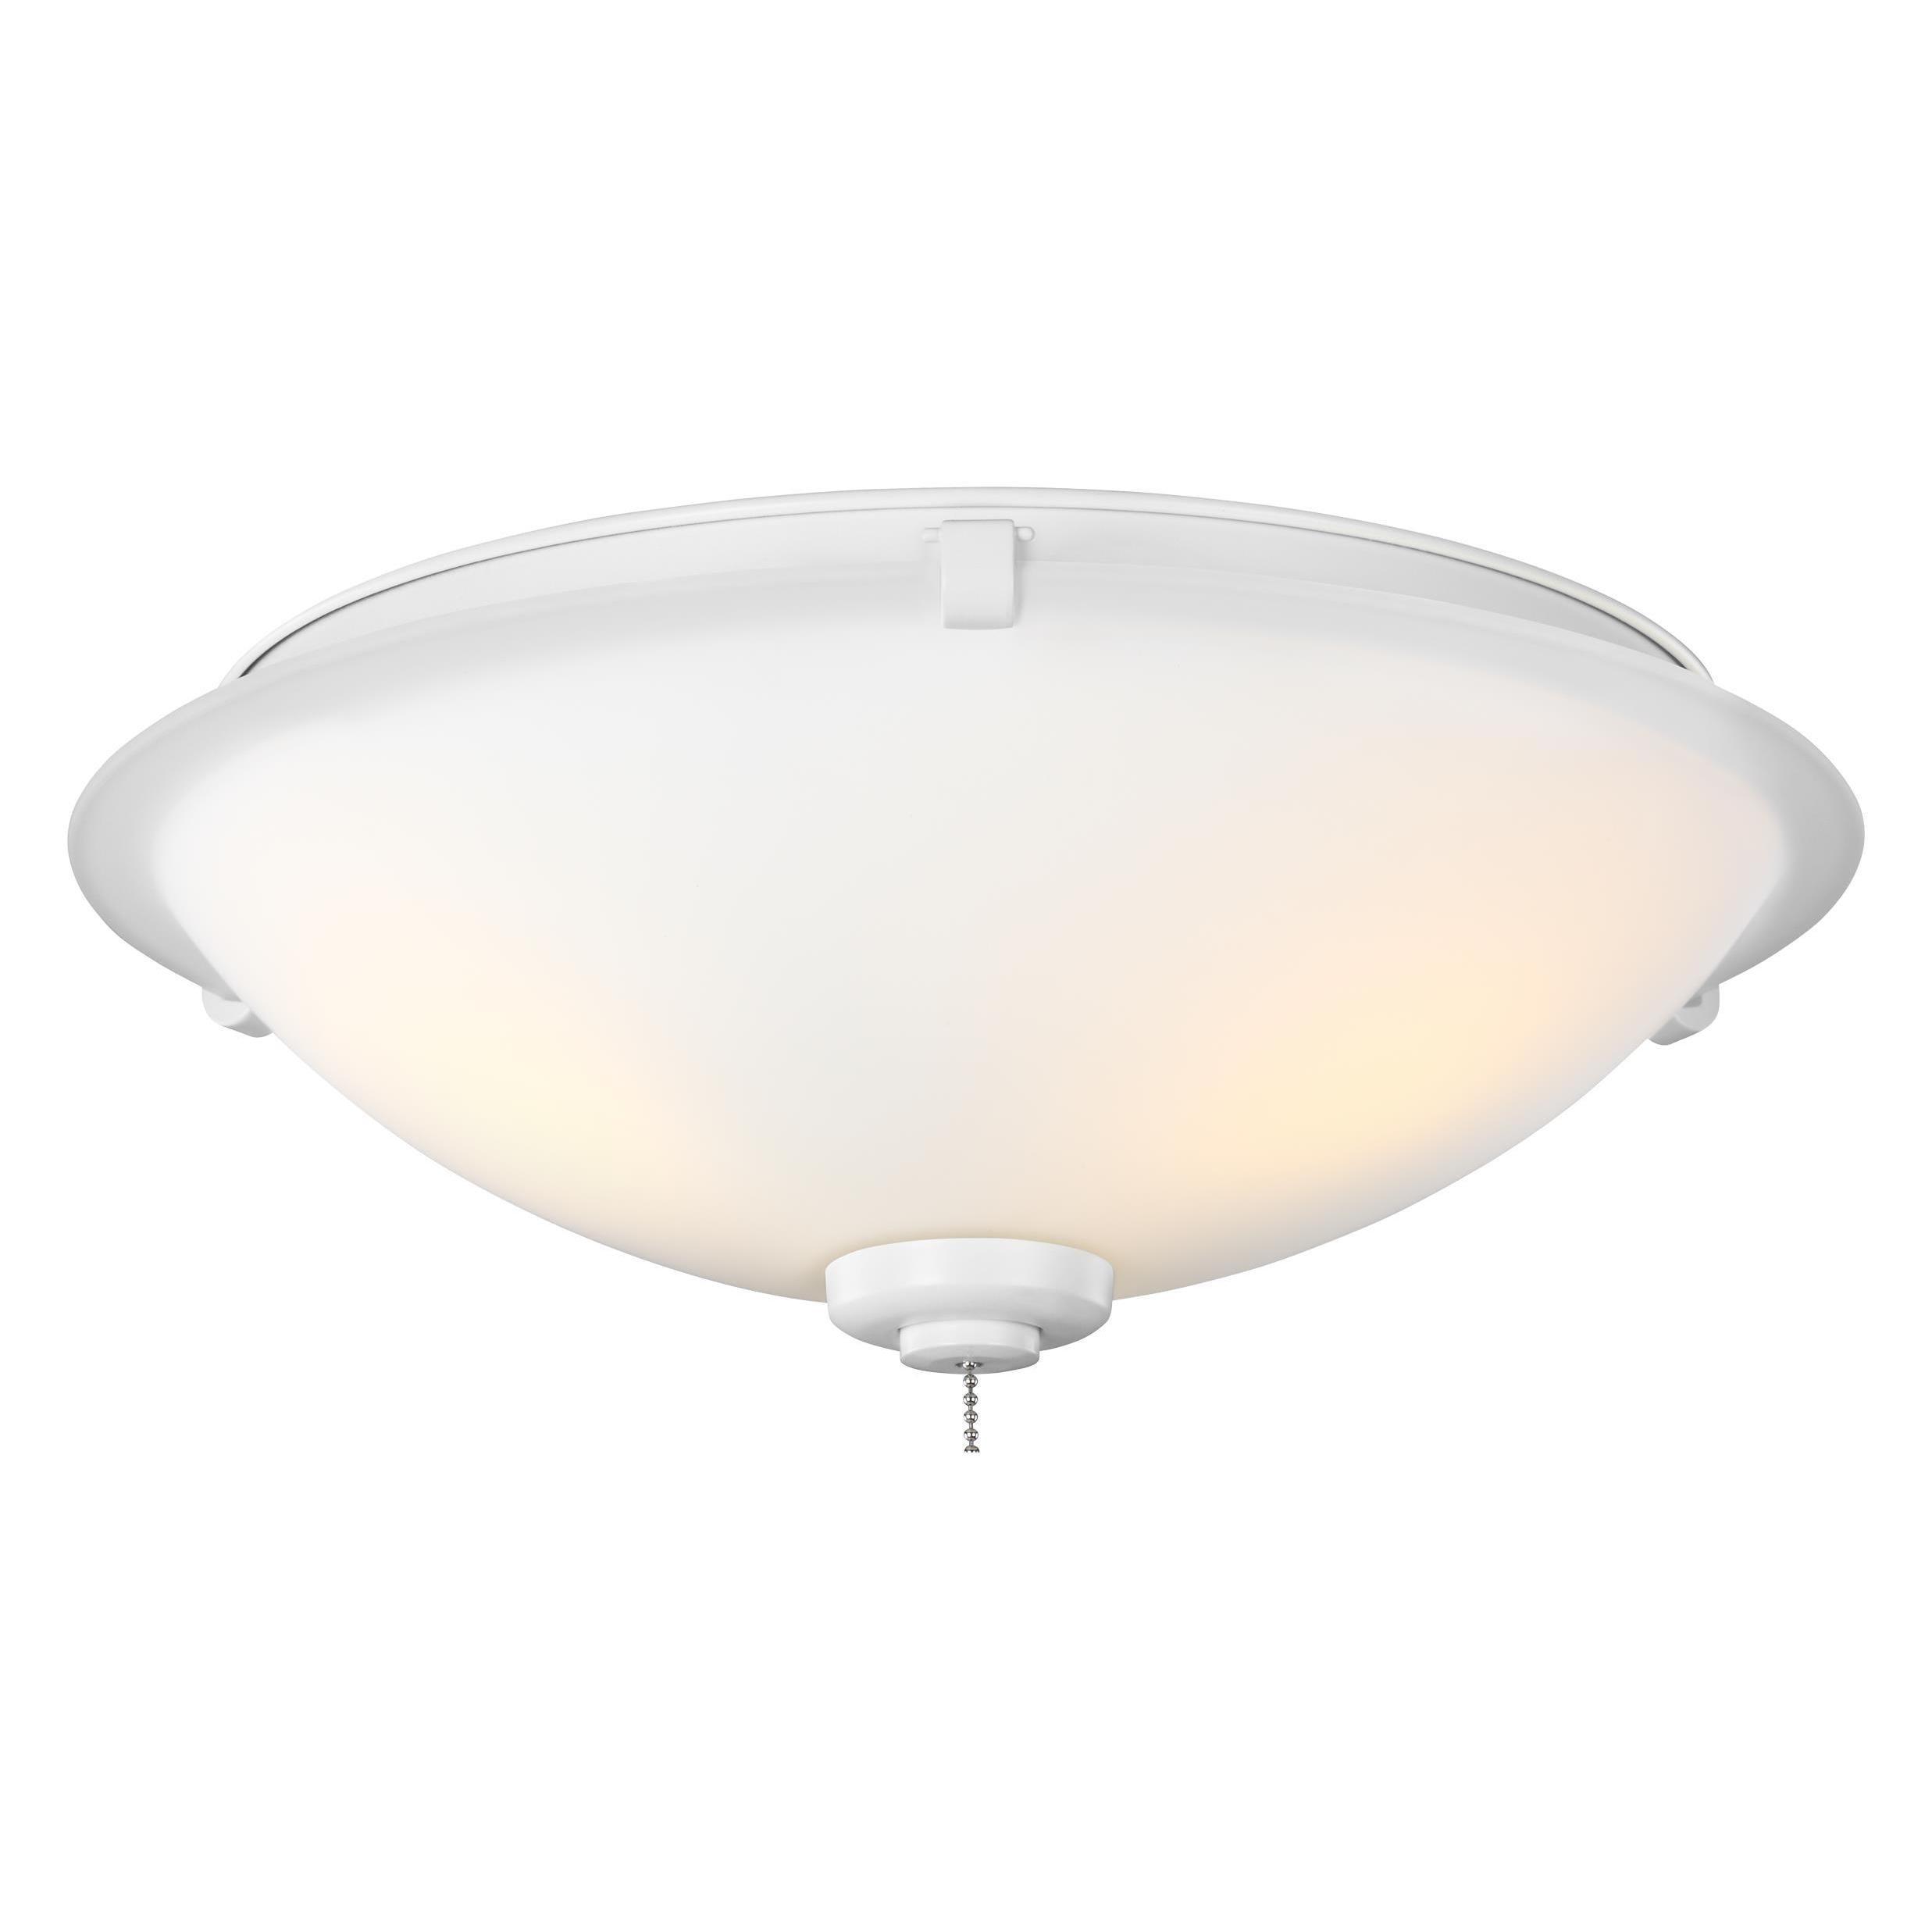 Monte Carlo 3 Light Rubberized White Ceiling Fan Light Kit Overstock 15284837